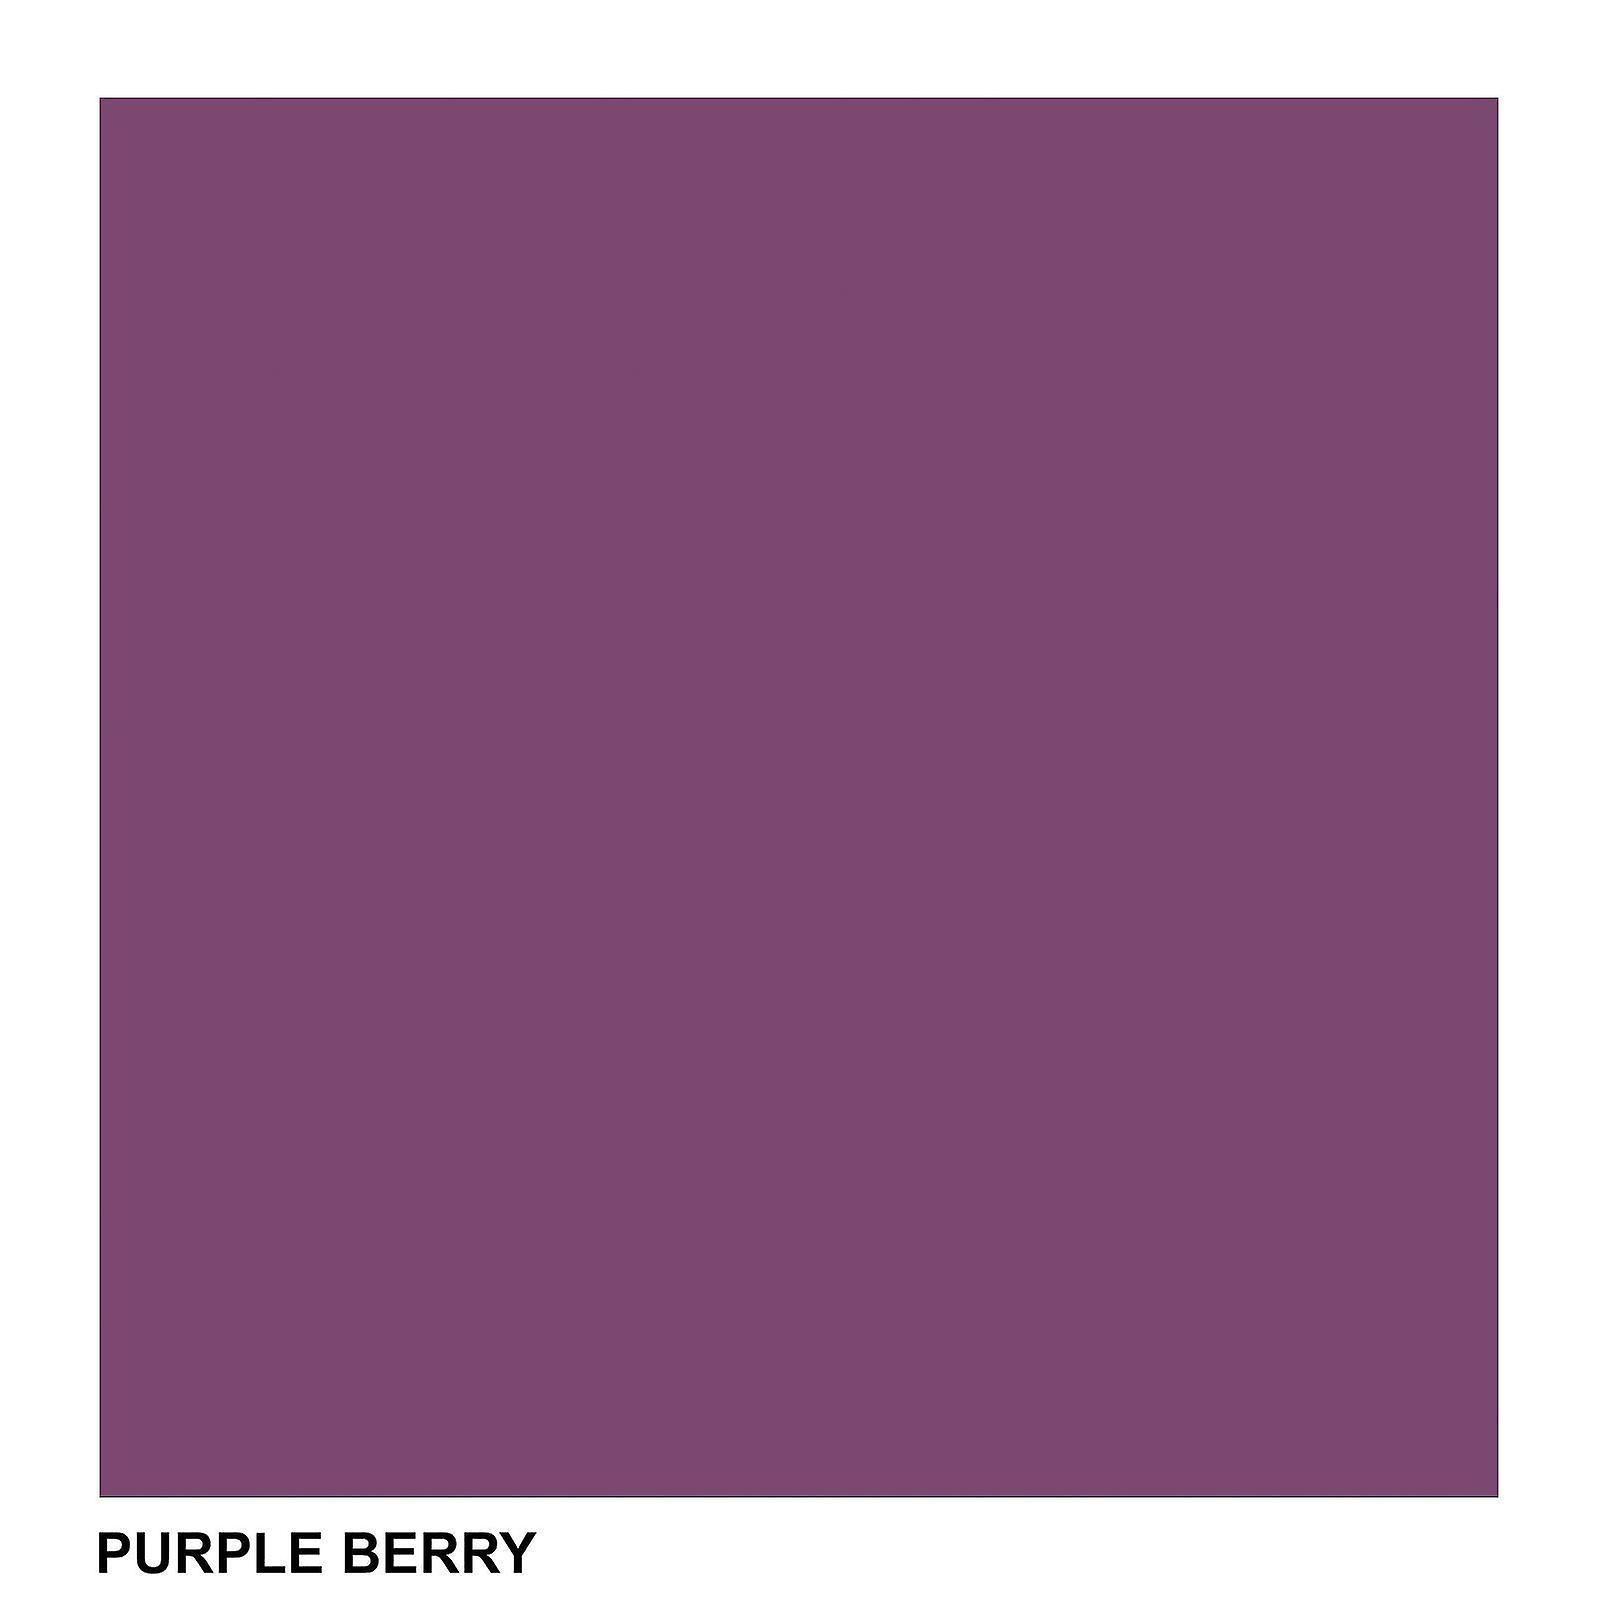 Vernice Ronseal giardino 2,5 L - bacca viola